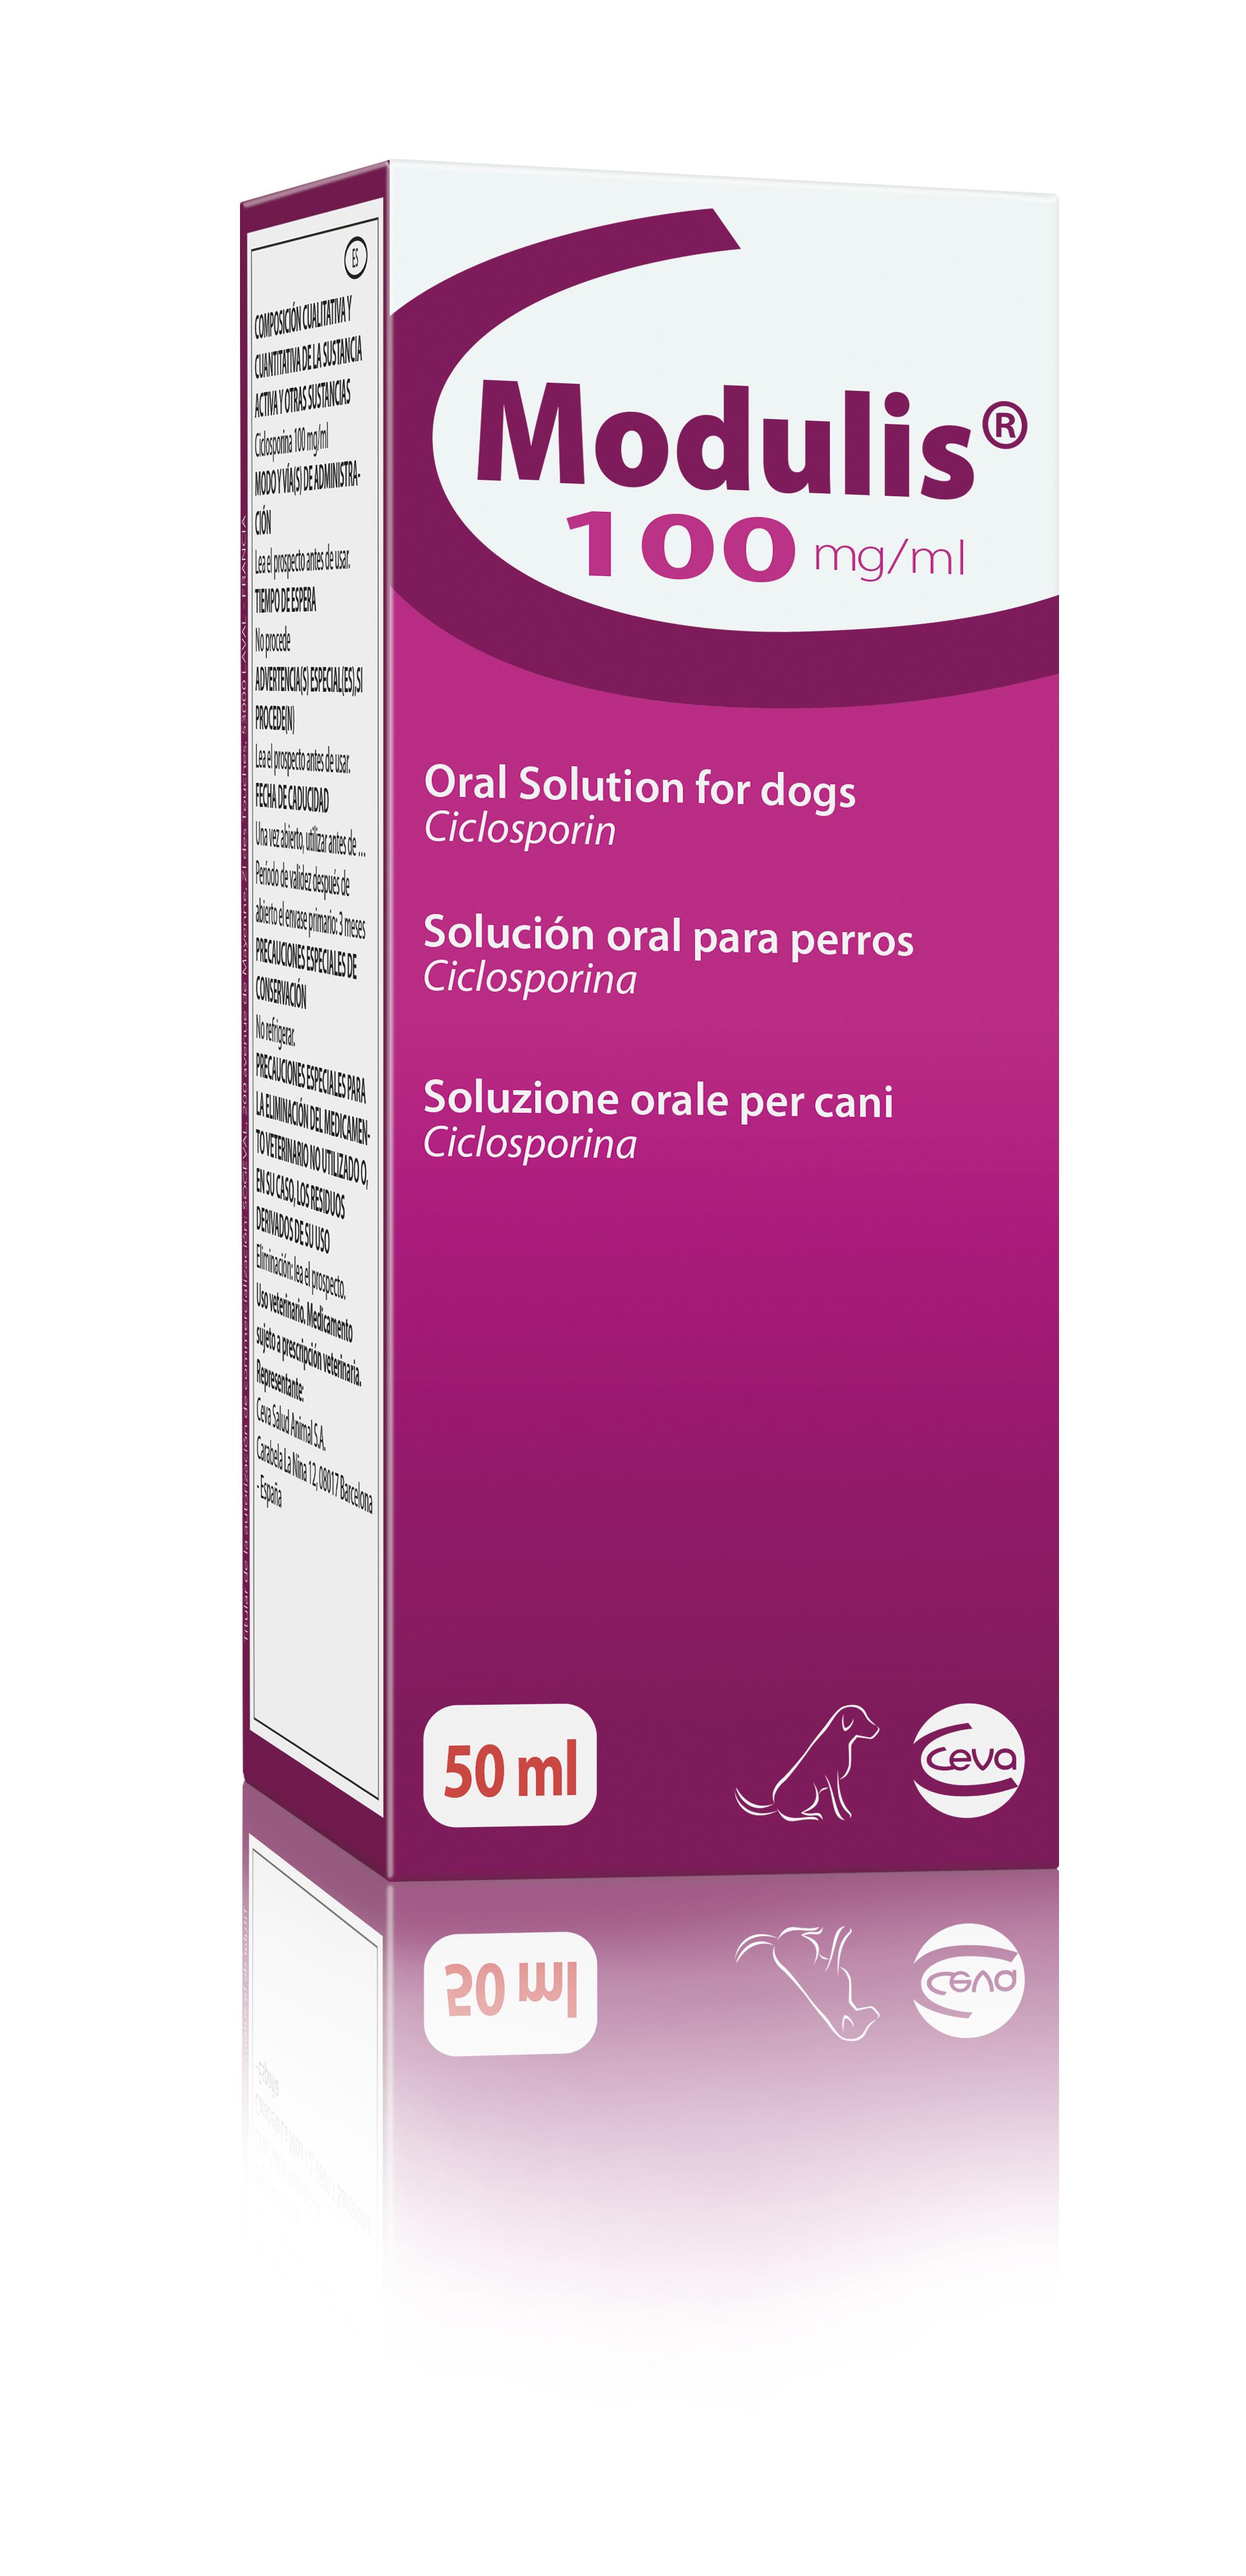 Modulis Solución Oral 100mg/ml - 50ml